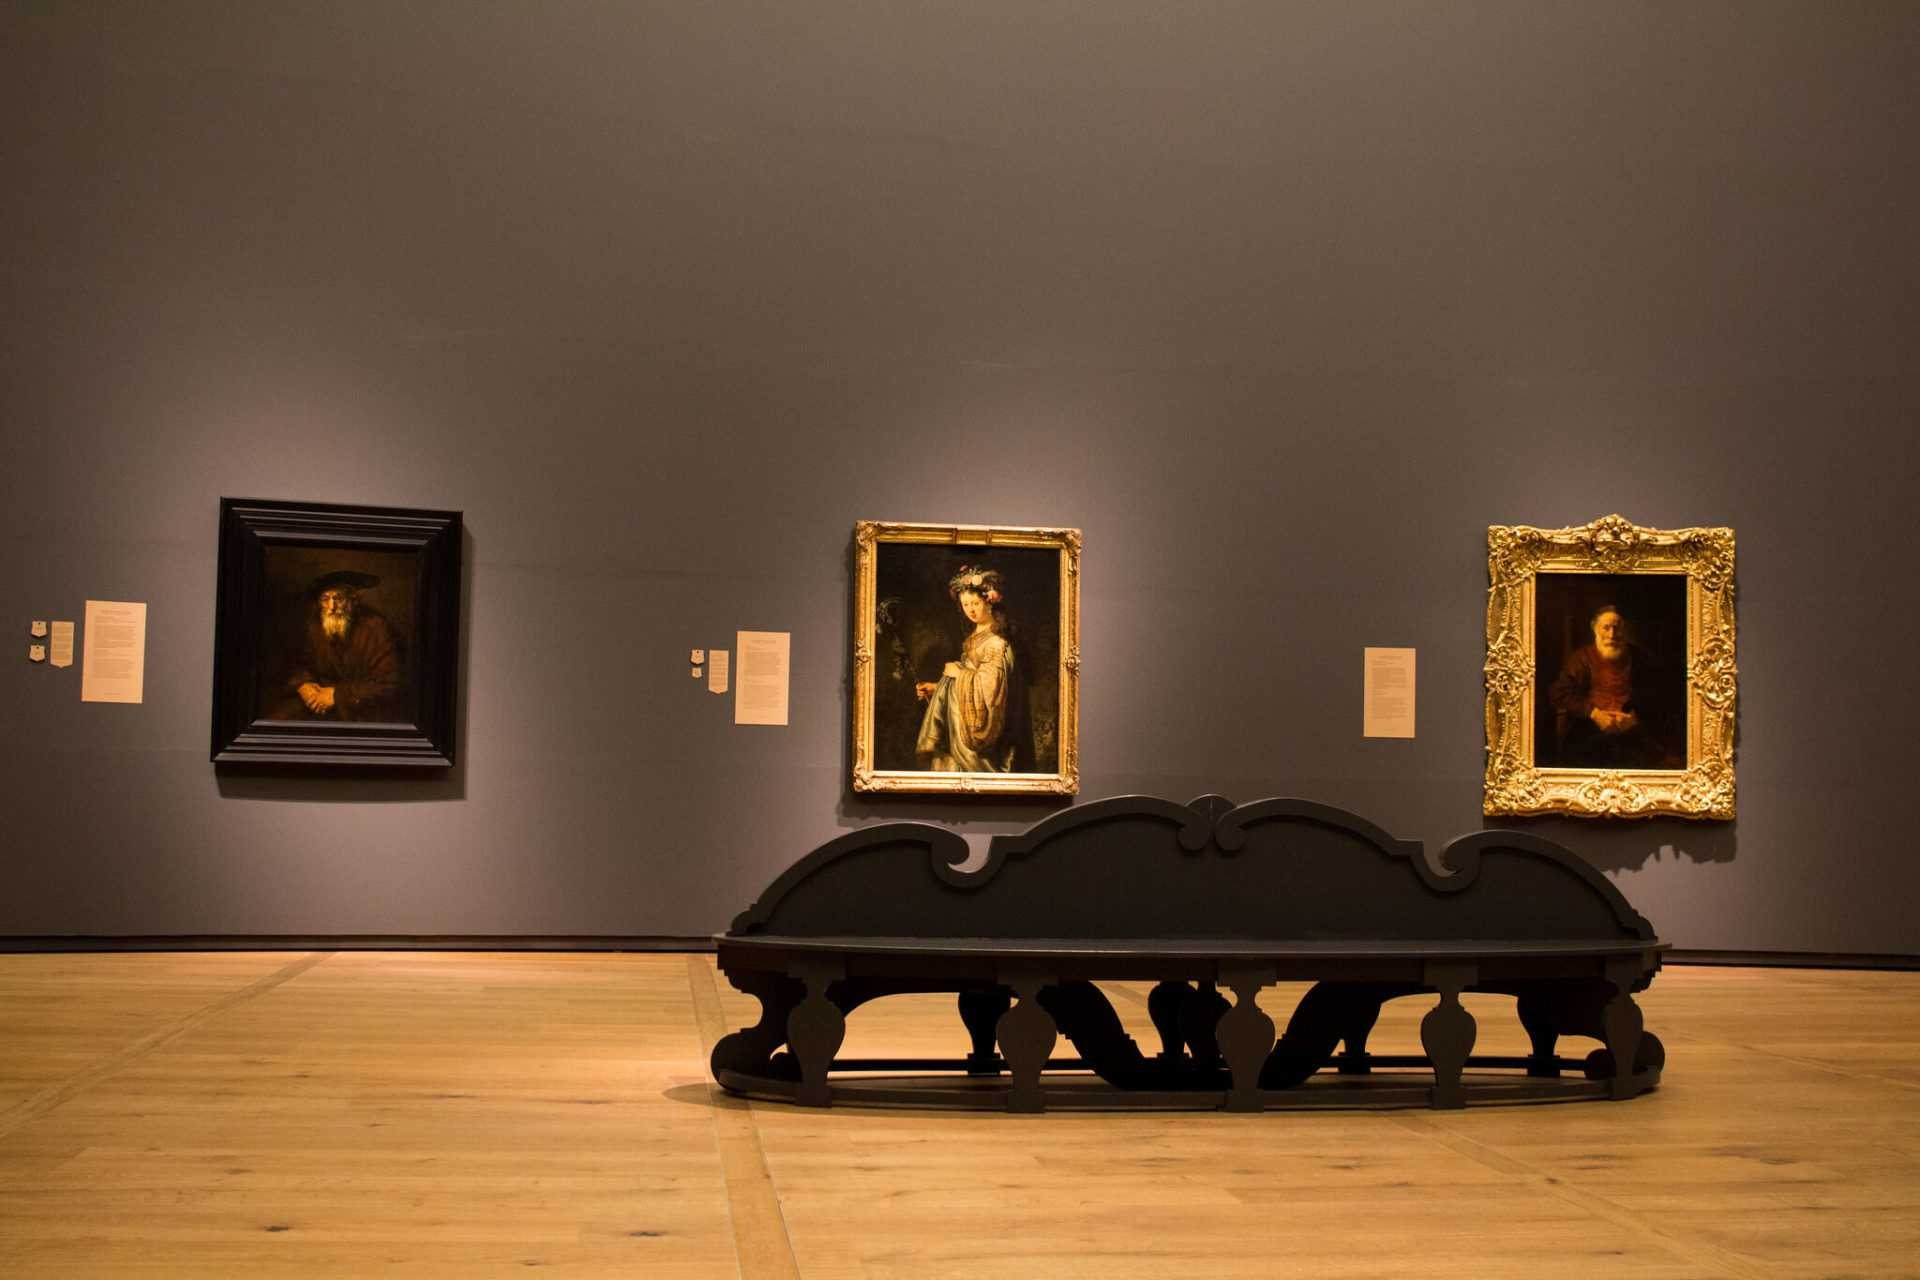 מוזיאון הרמיטאז' אמסטרדם 2021 - רכישת כרטיסים ומידע נוסף